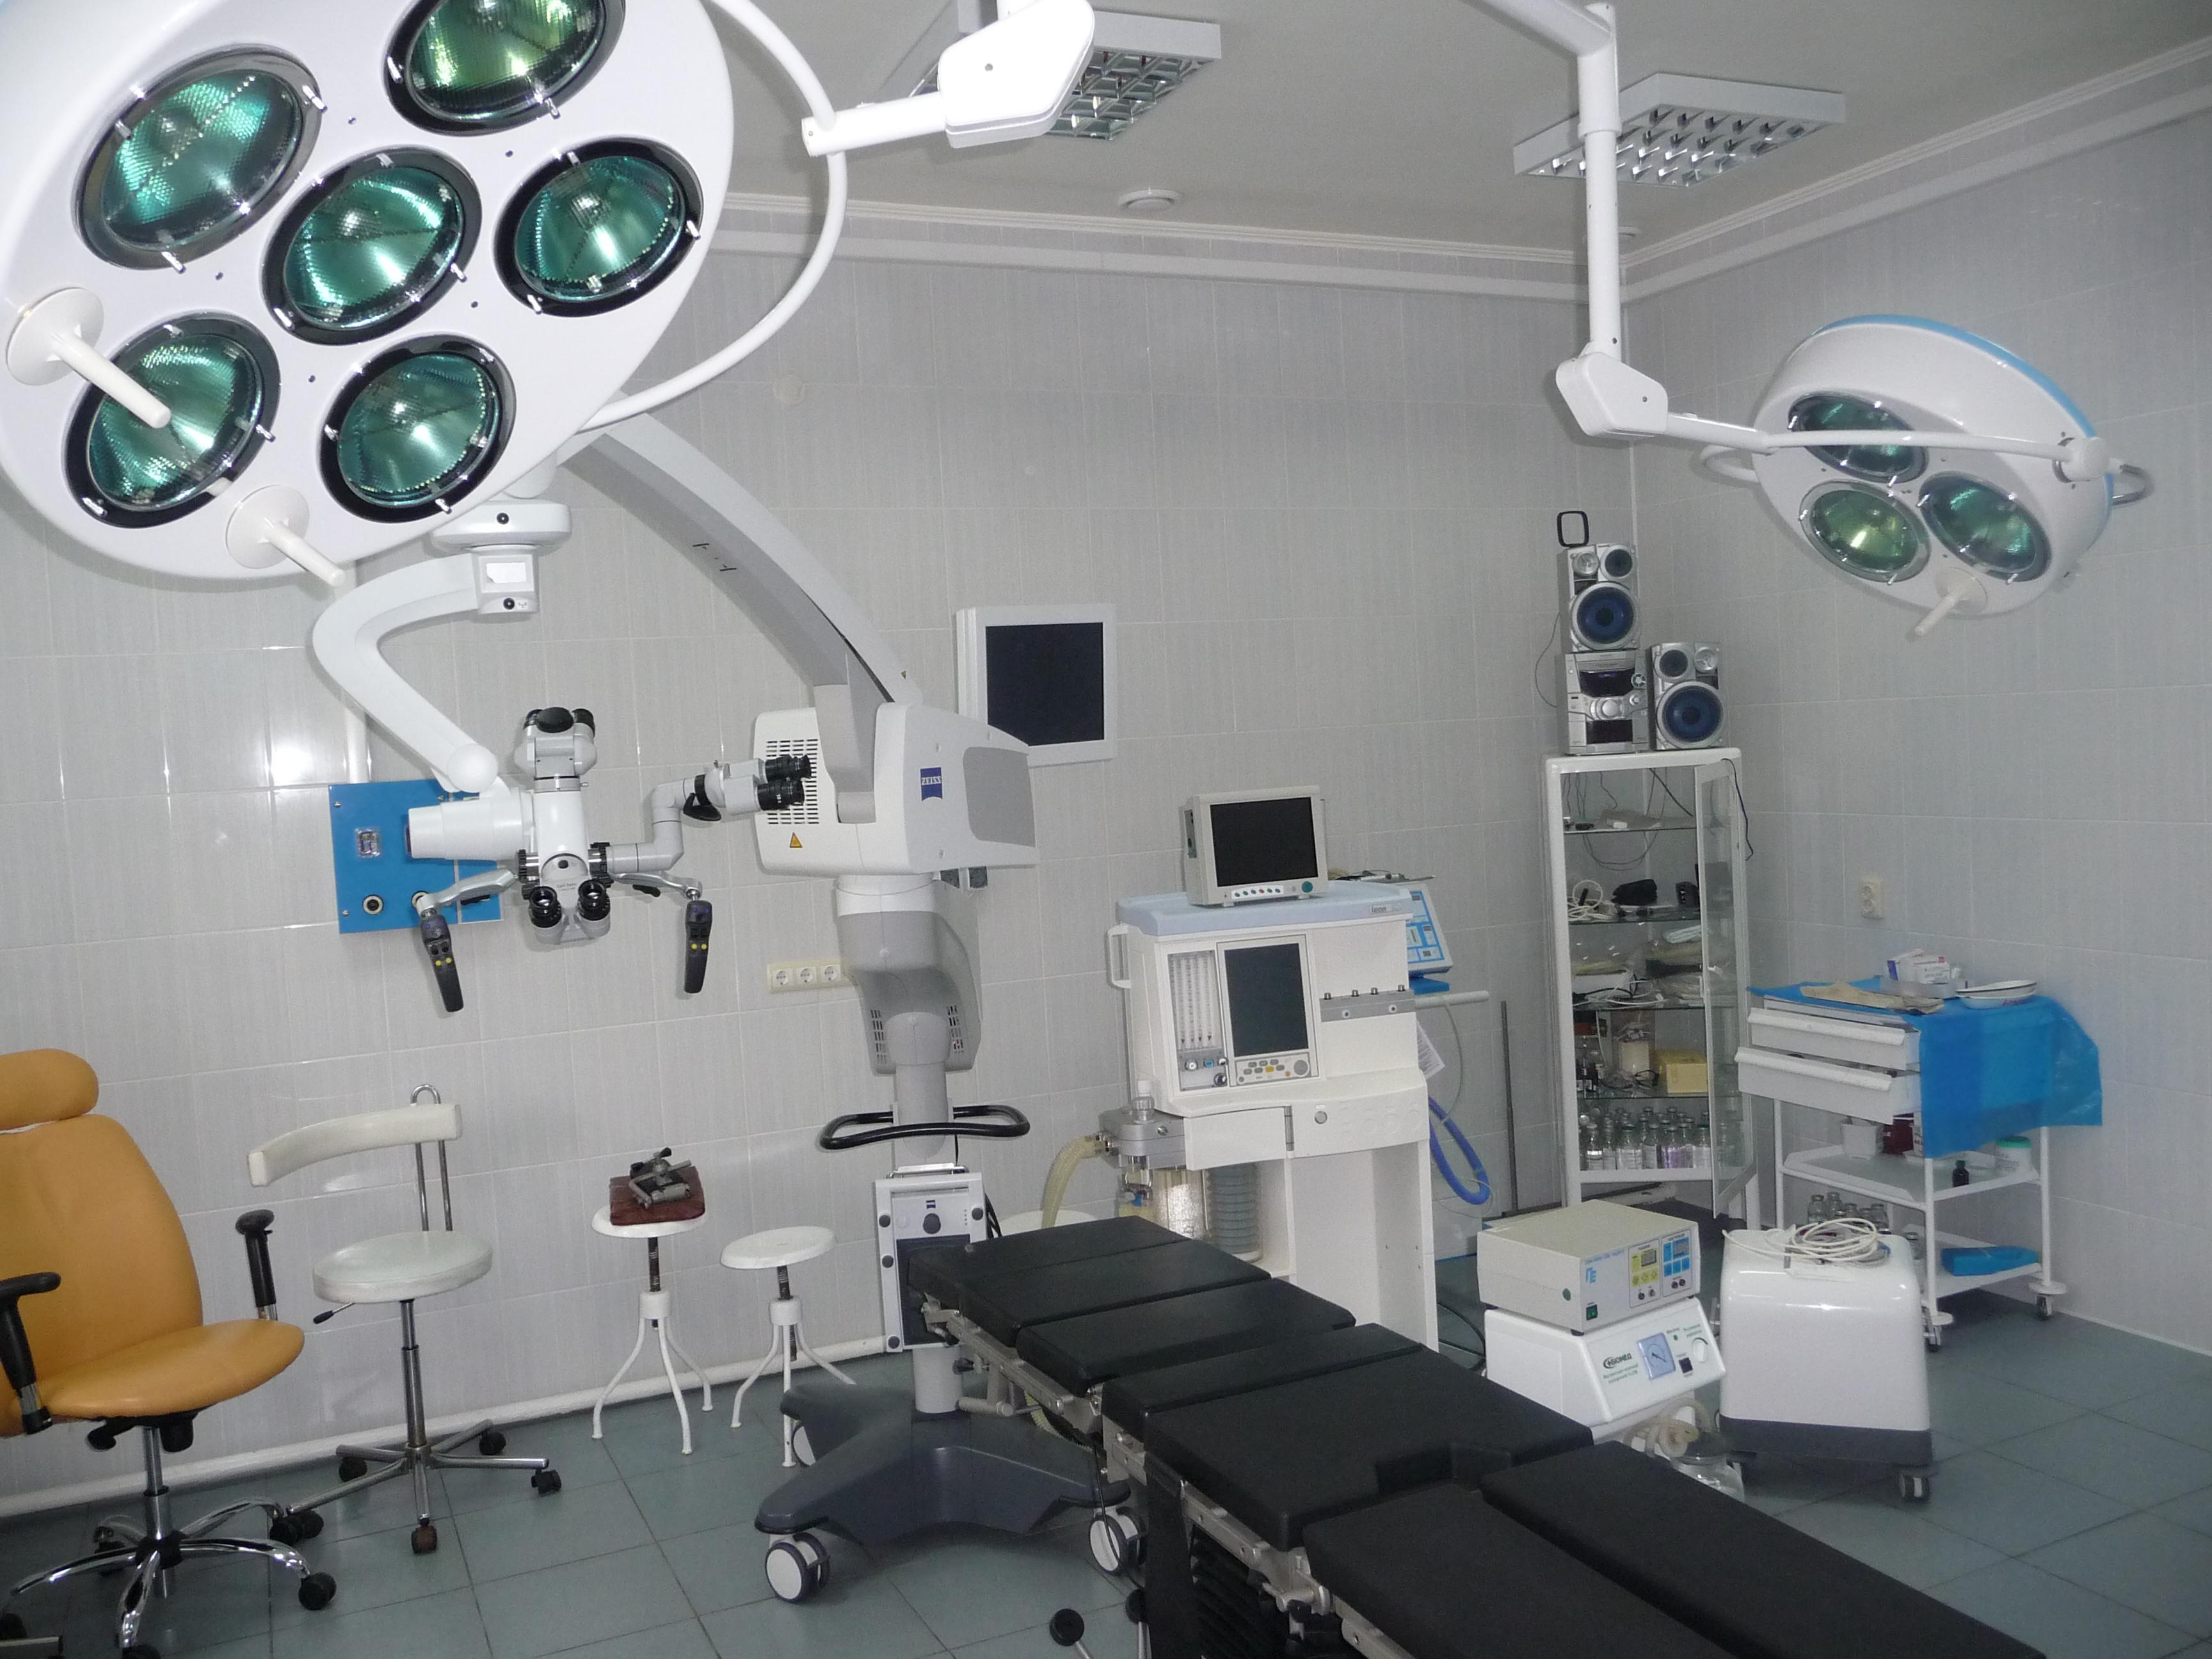 40 поликлиника сестрорецк запись к врачу